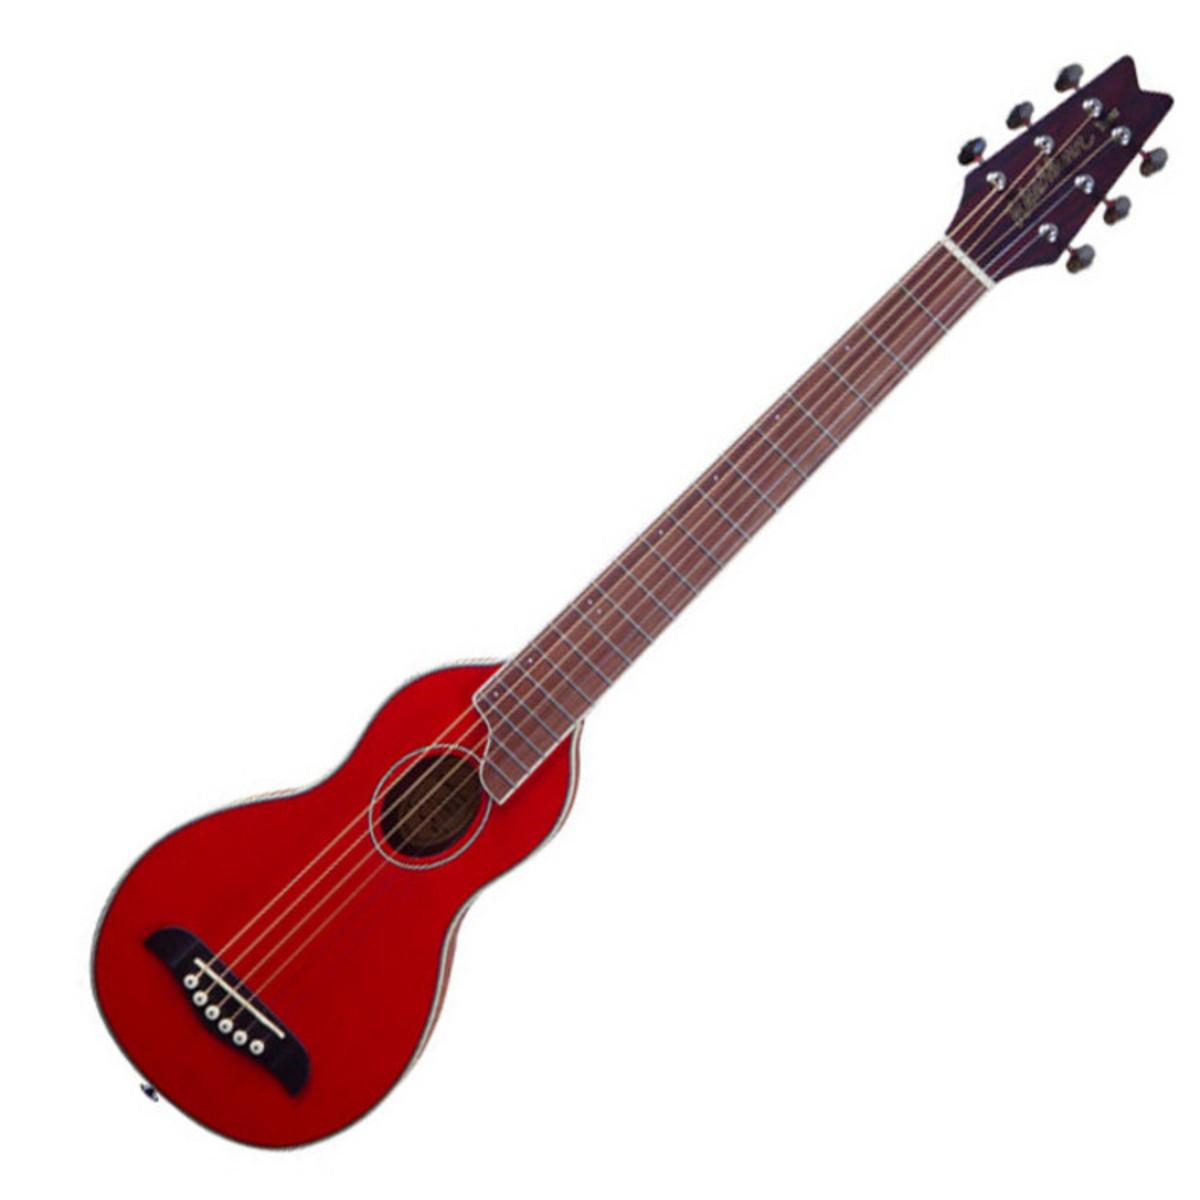 Washburn Rover RO10 Guitare acoustique de voyage, rouge ...